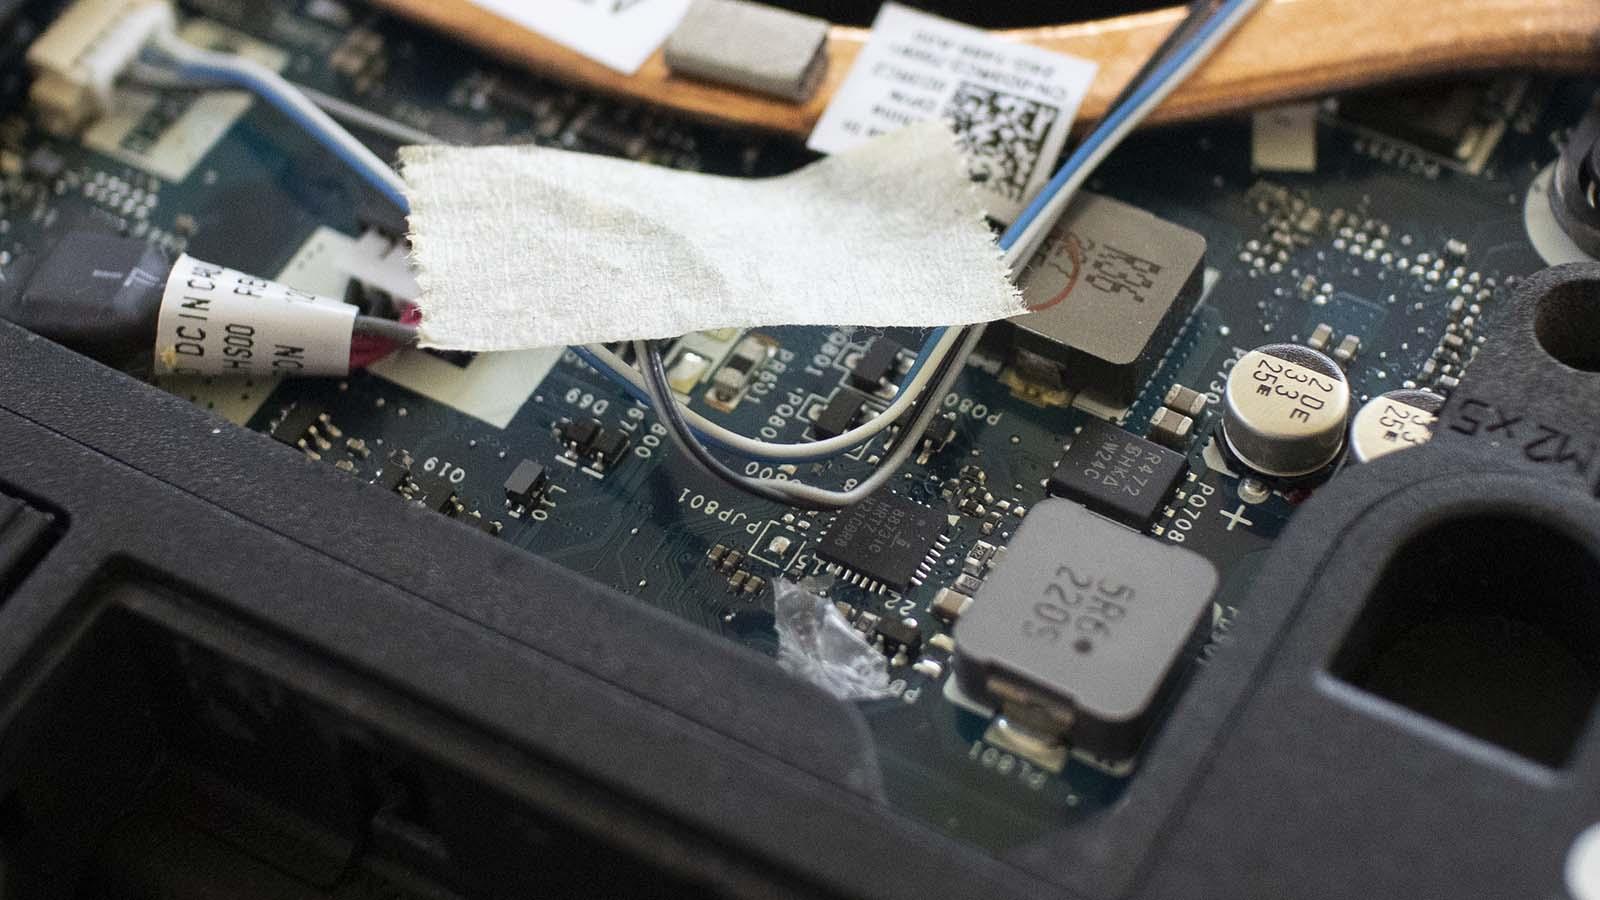 Dell Latitude E6230 interior debris